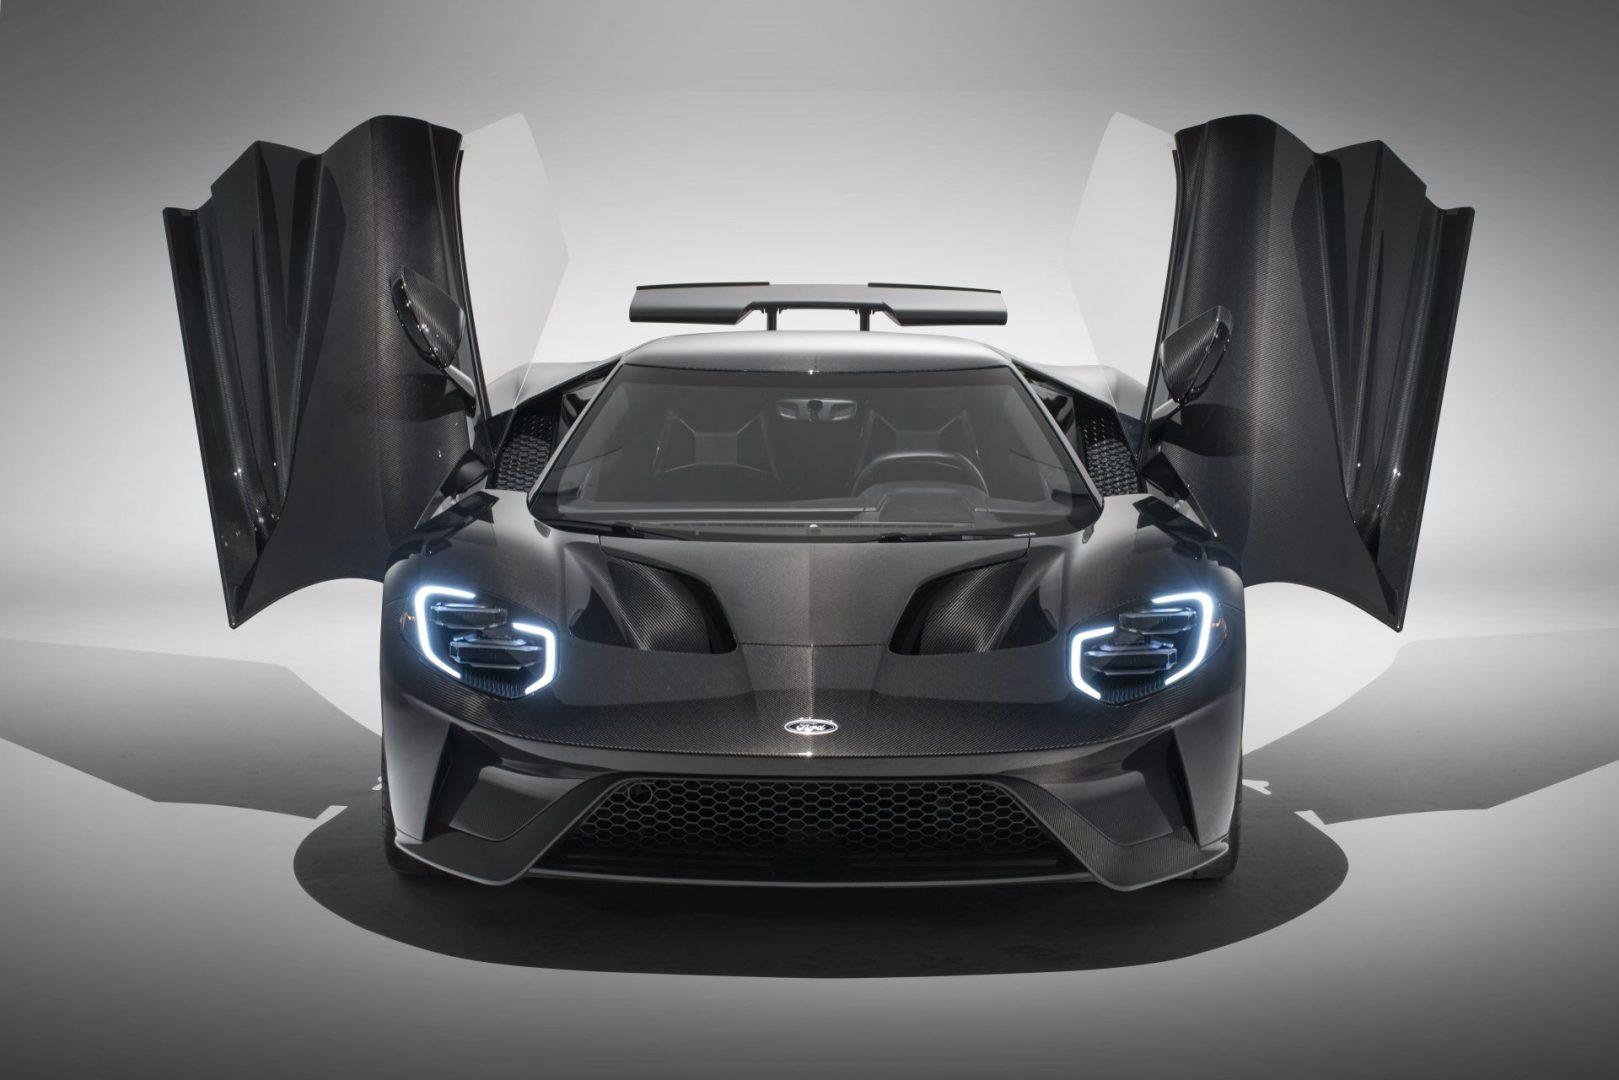 Više snage i bolje hlađenje za novi Ford GT